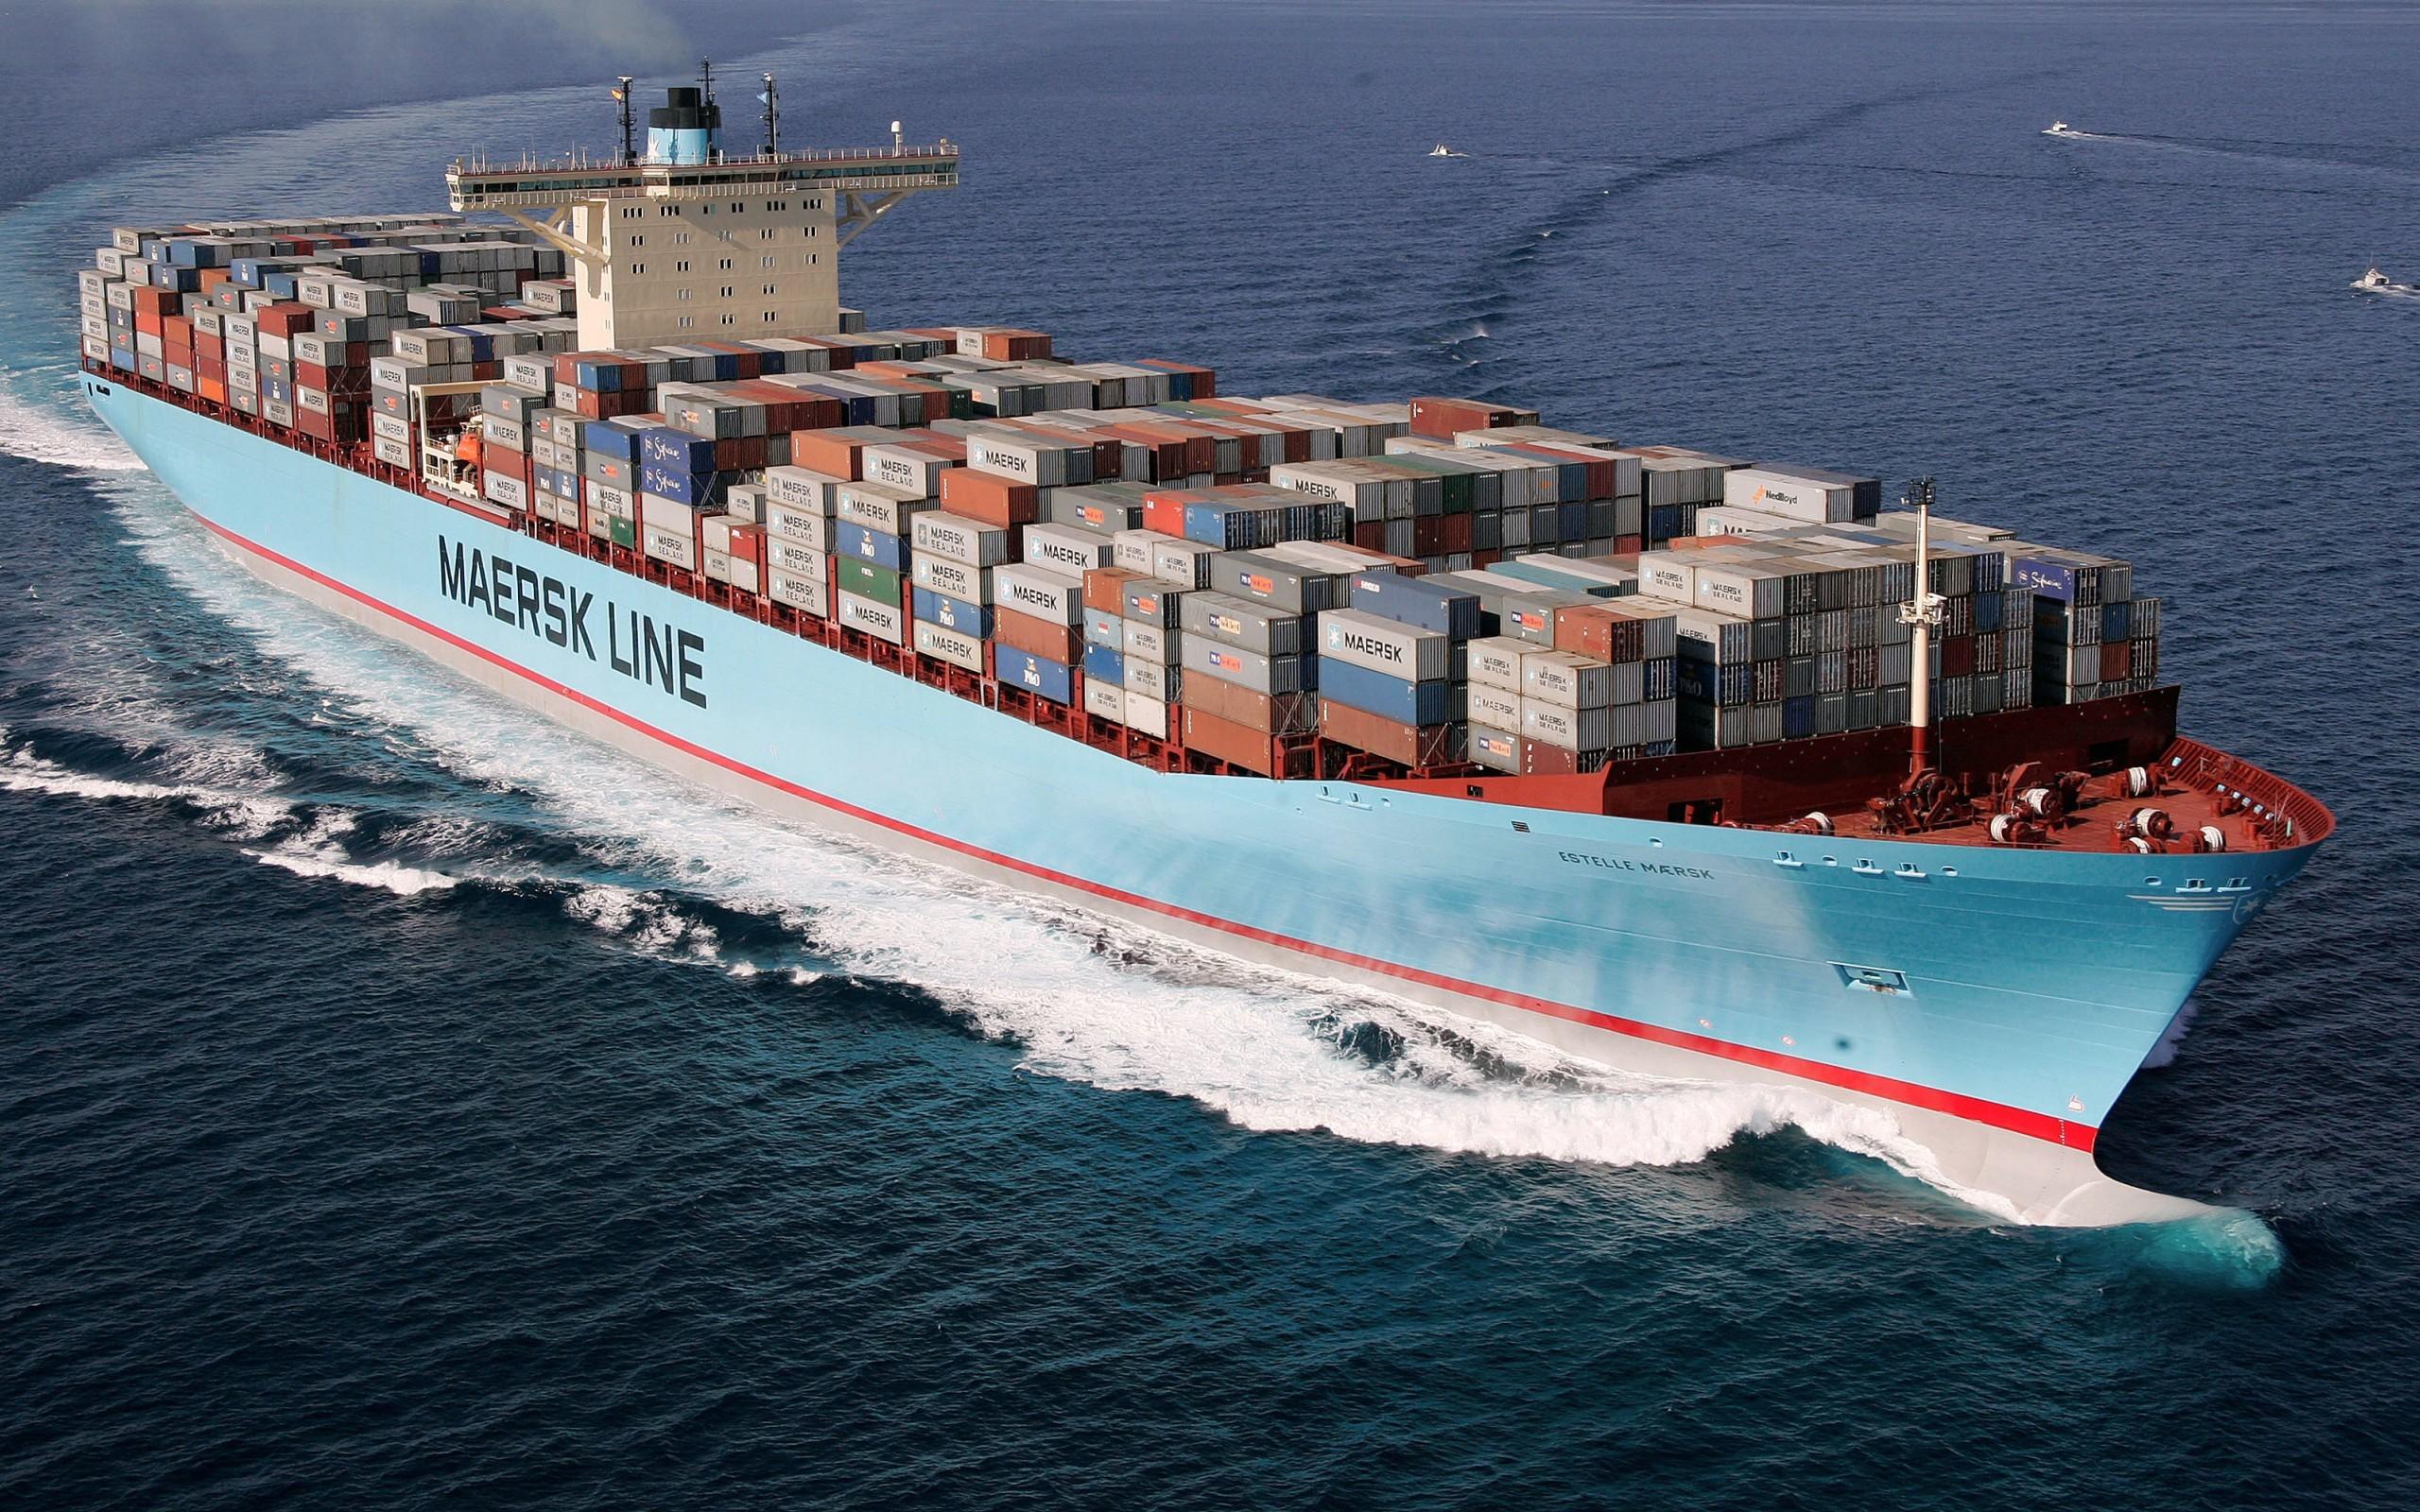 художник соединил фото обои рабочего стола контейнеровоз судно объекта, отзывы реальных